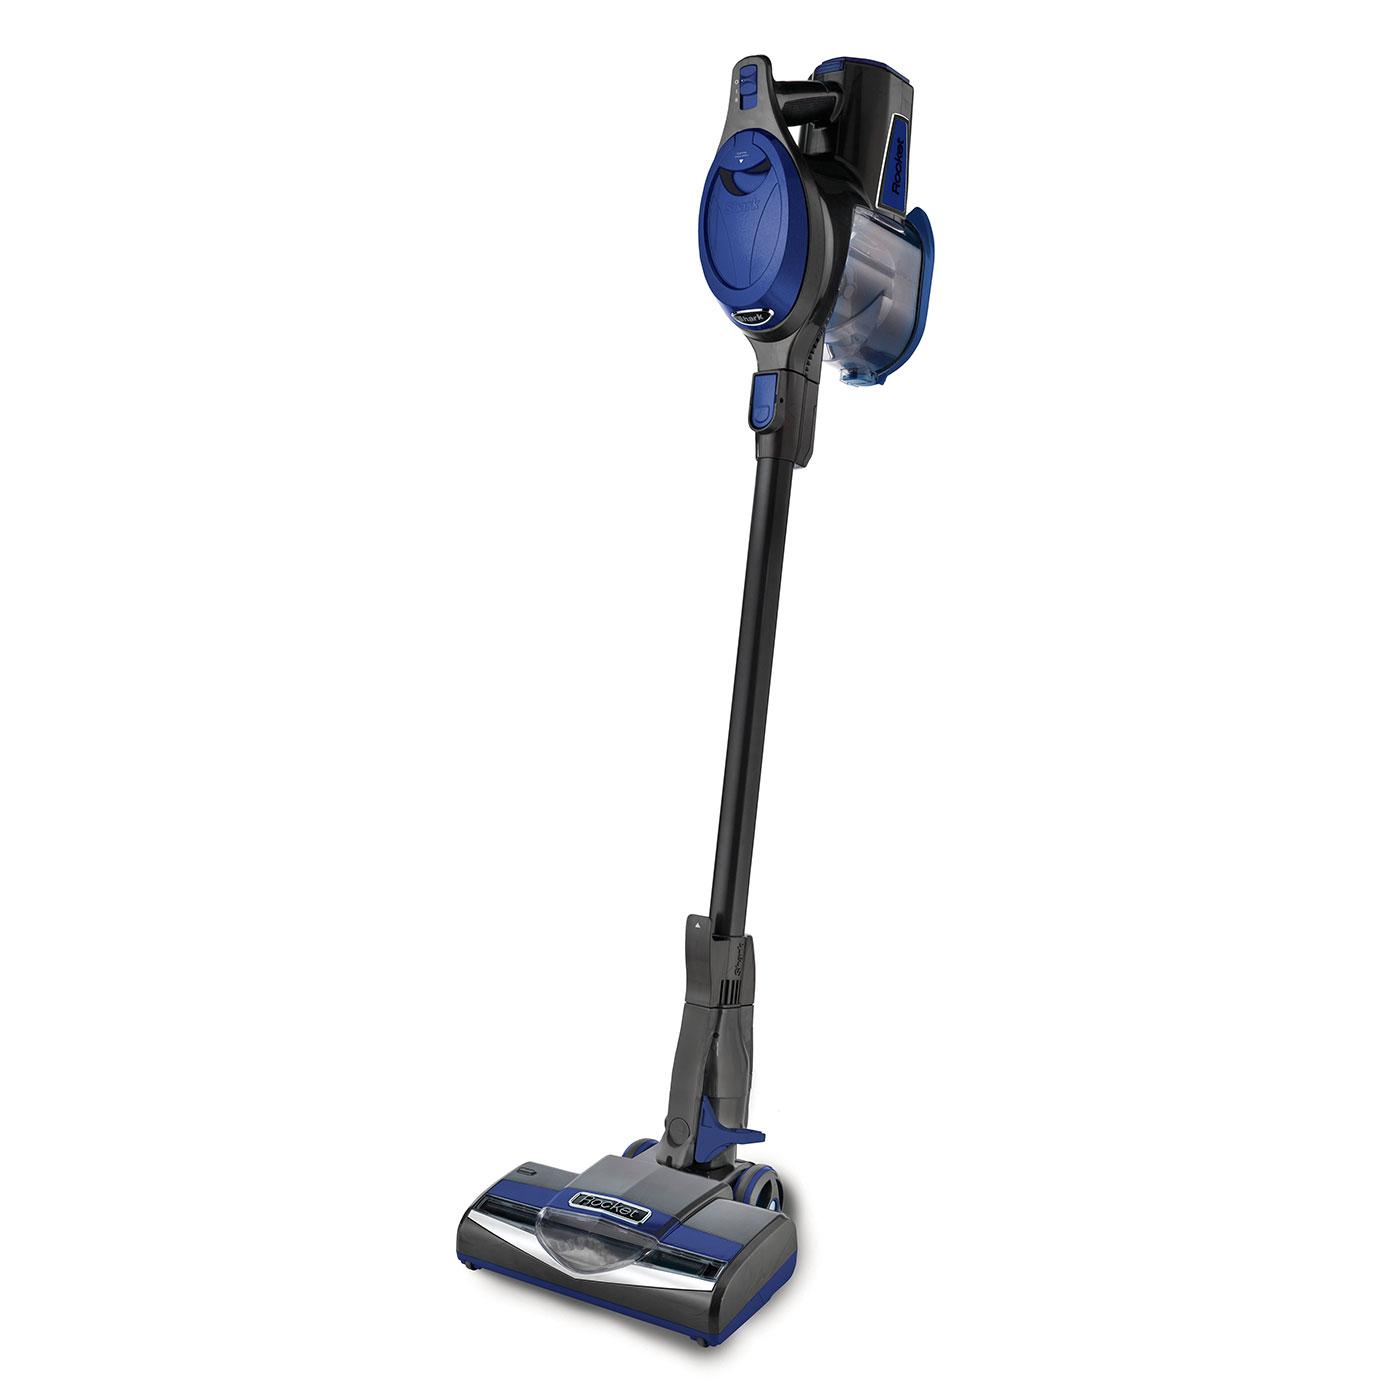 Shark Corded Stick Vacuum Cleaner Hv305uk